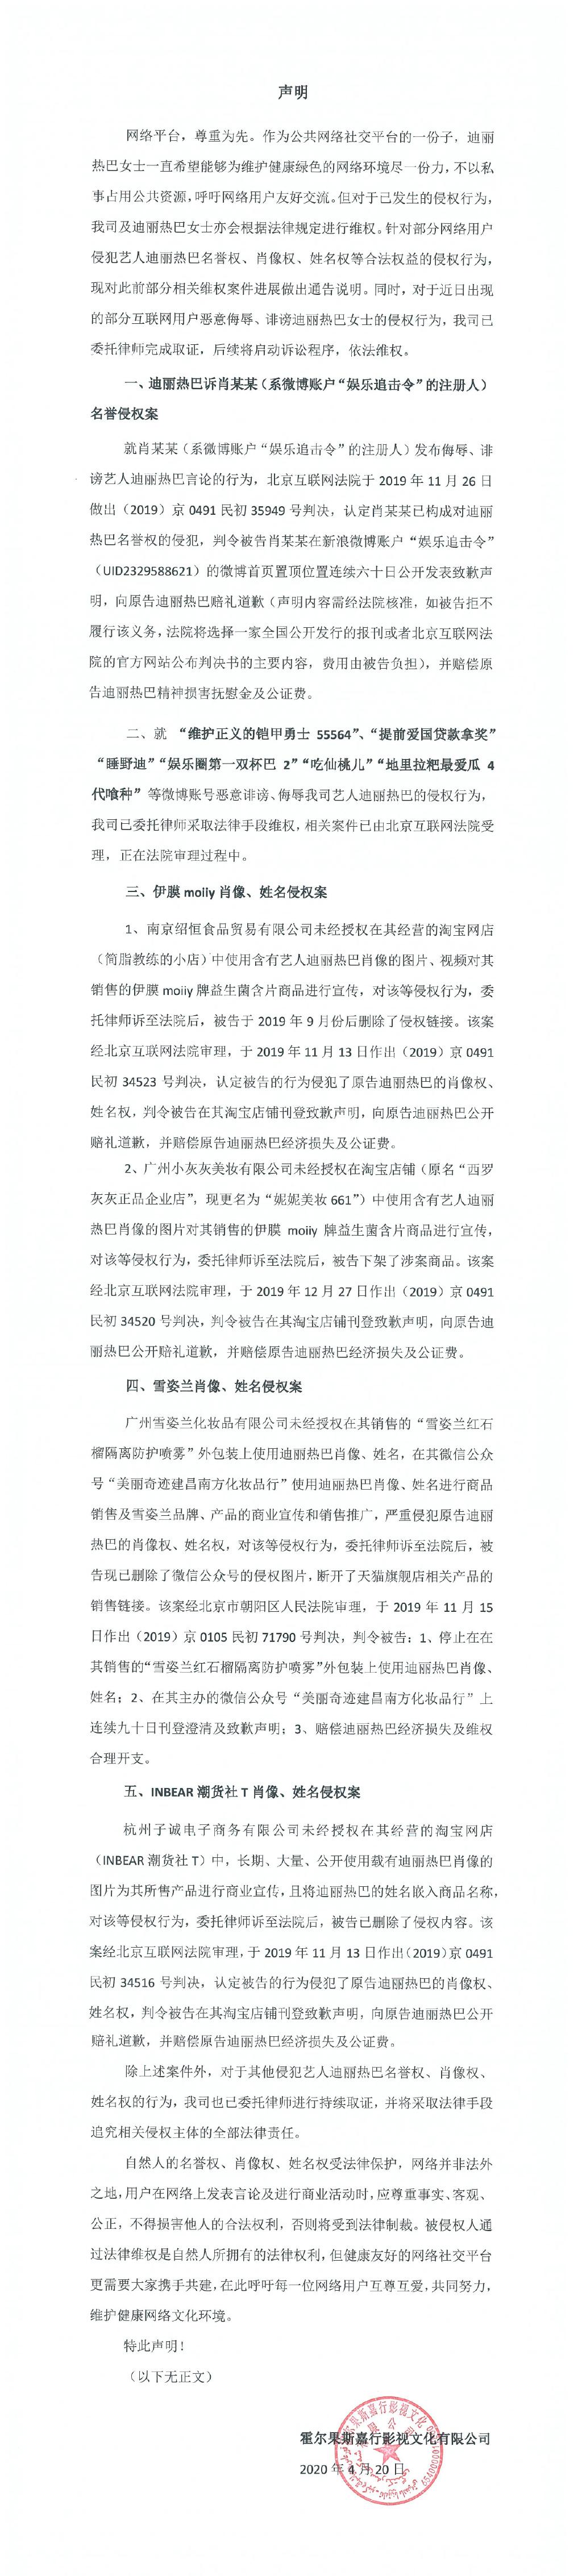 杏鑫丽热巴工作室发声明呼吁网络平台尊重为先杏鑫图片